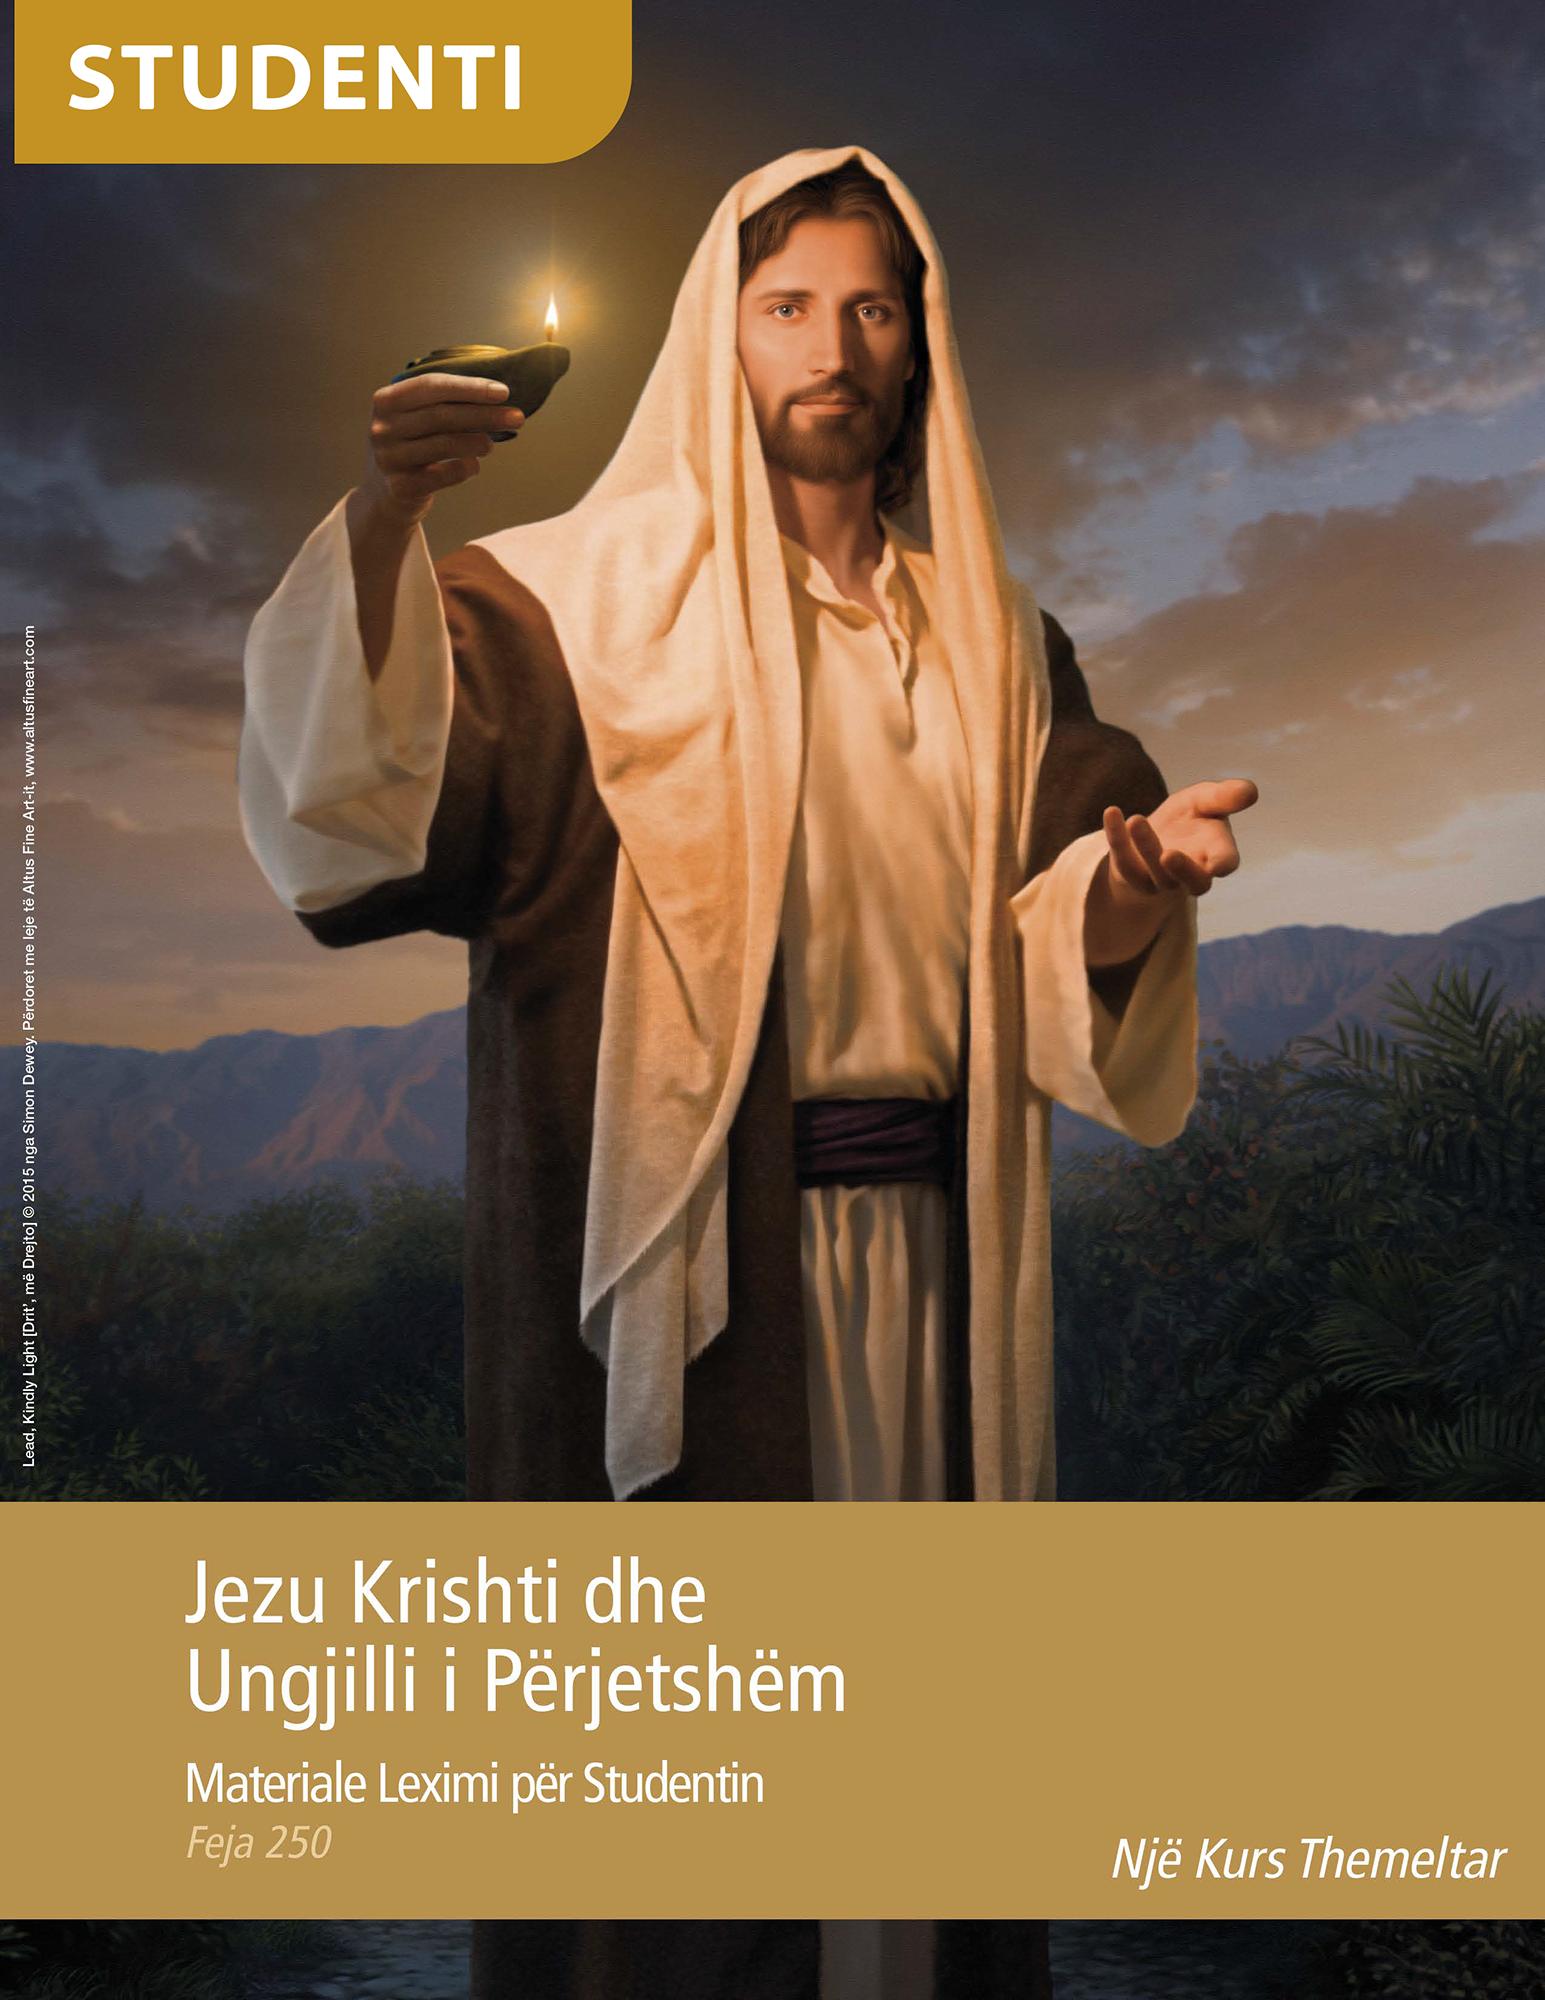 Materiale Leximi për Studentin – Jezu Krishti dhe Ungjilli i Përjetshëm (Feja 250)